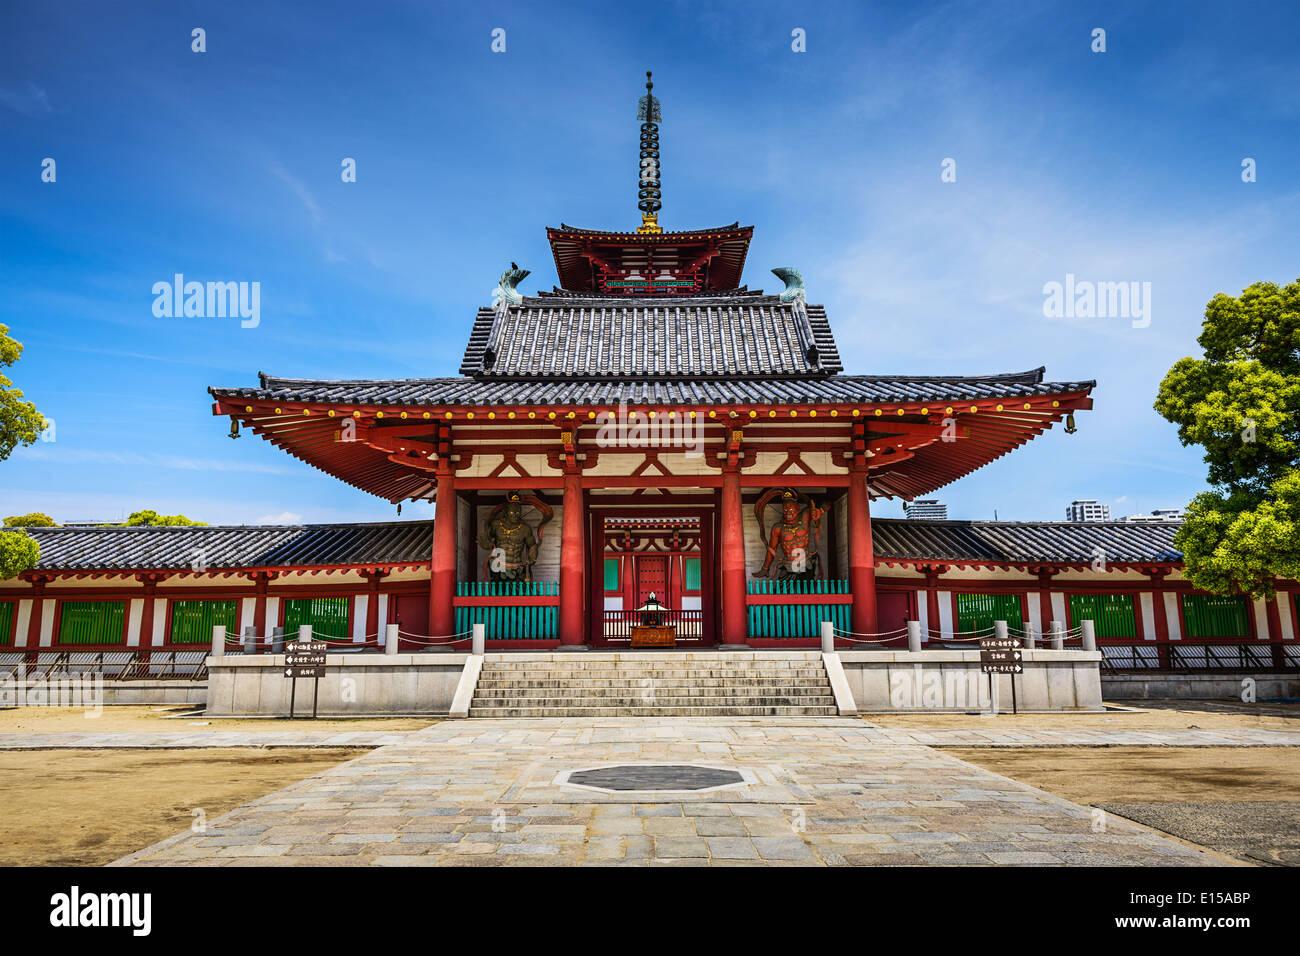 Templo Shitennoji, Osaka, Japón. Es el primer templo budista admistrated oficialmente en Japón. Imagen De Stock